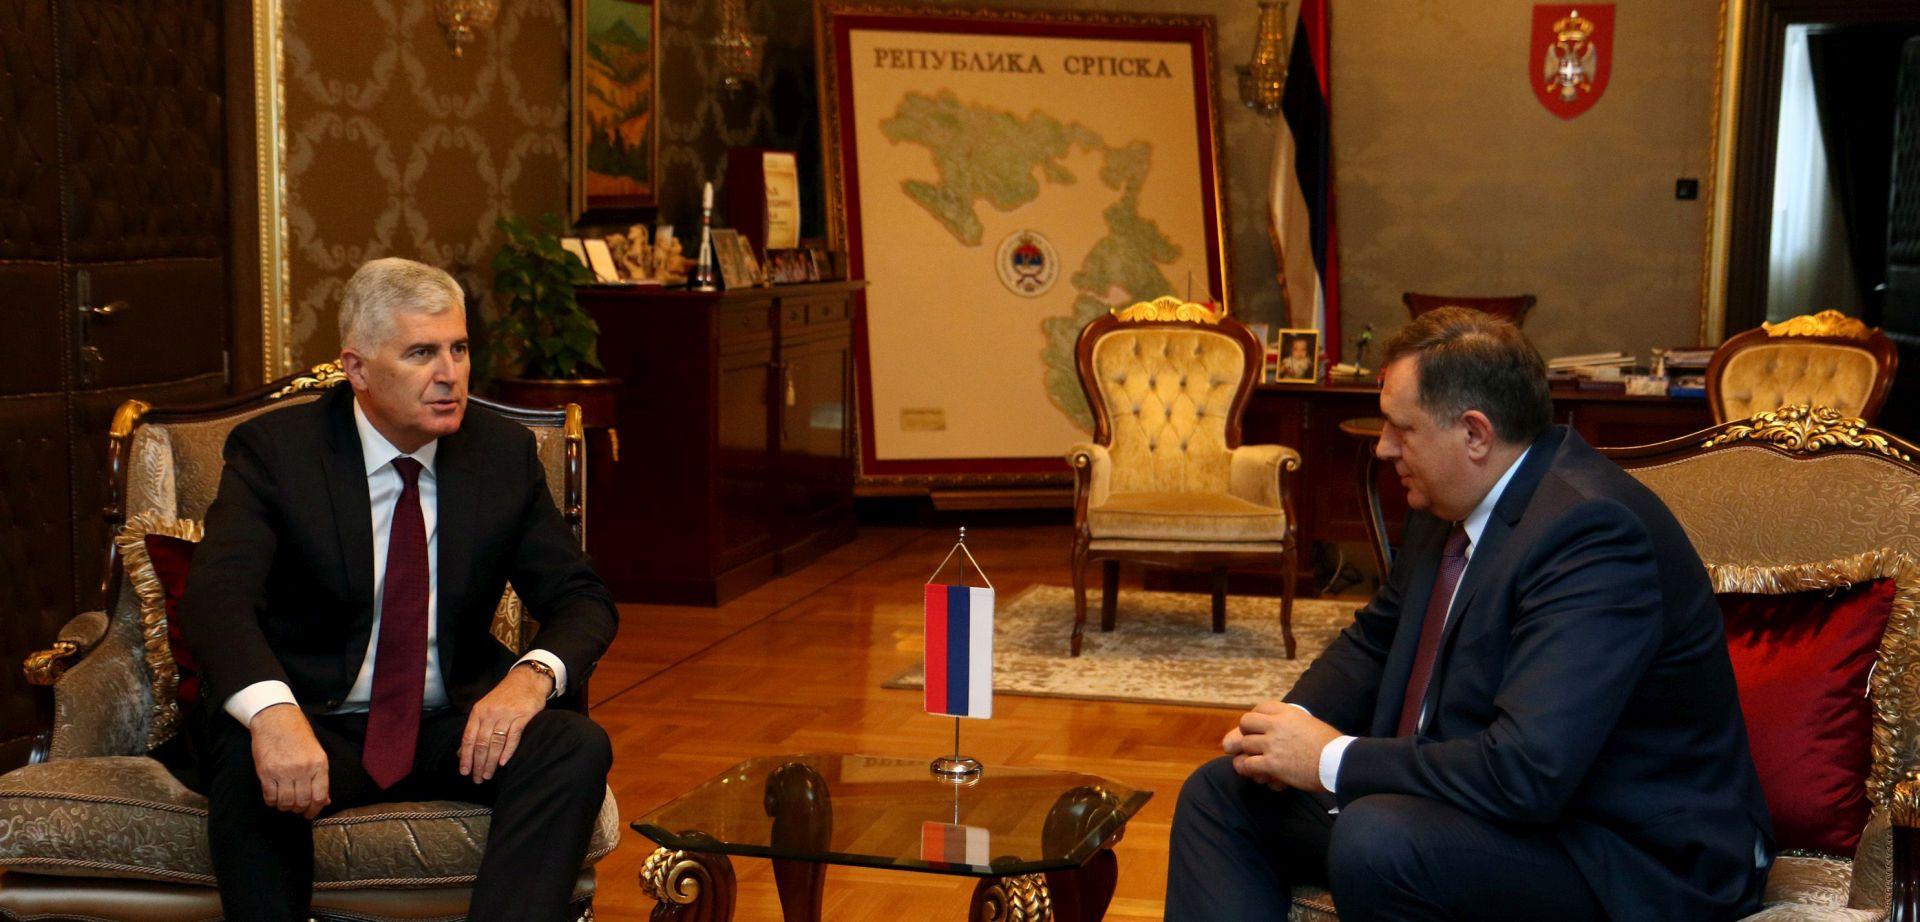 Čović i Dodik kritizirali sastanak Izetbegovića s Vučićem i Erdoganom